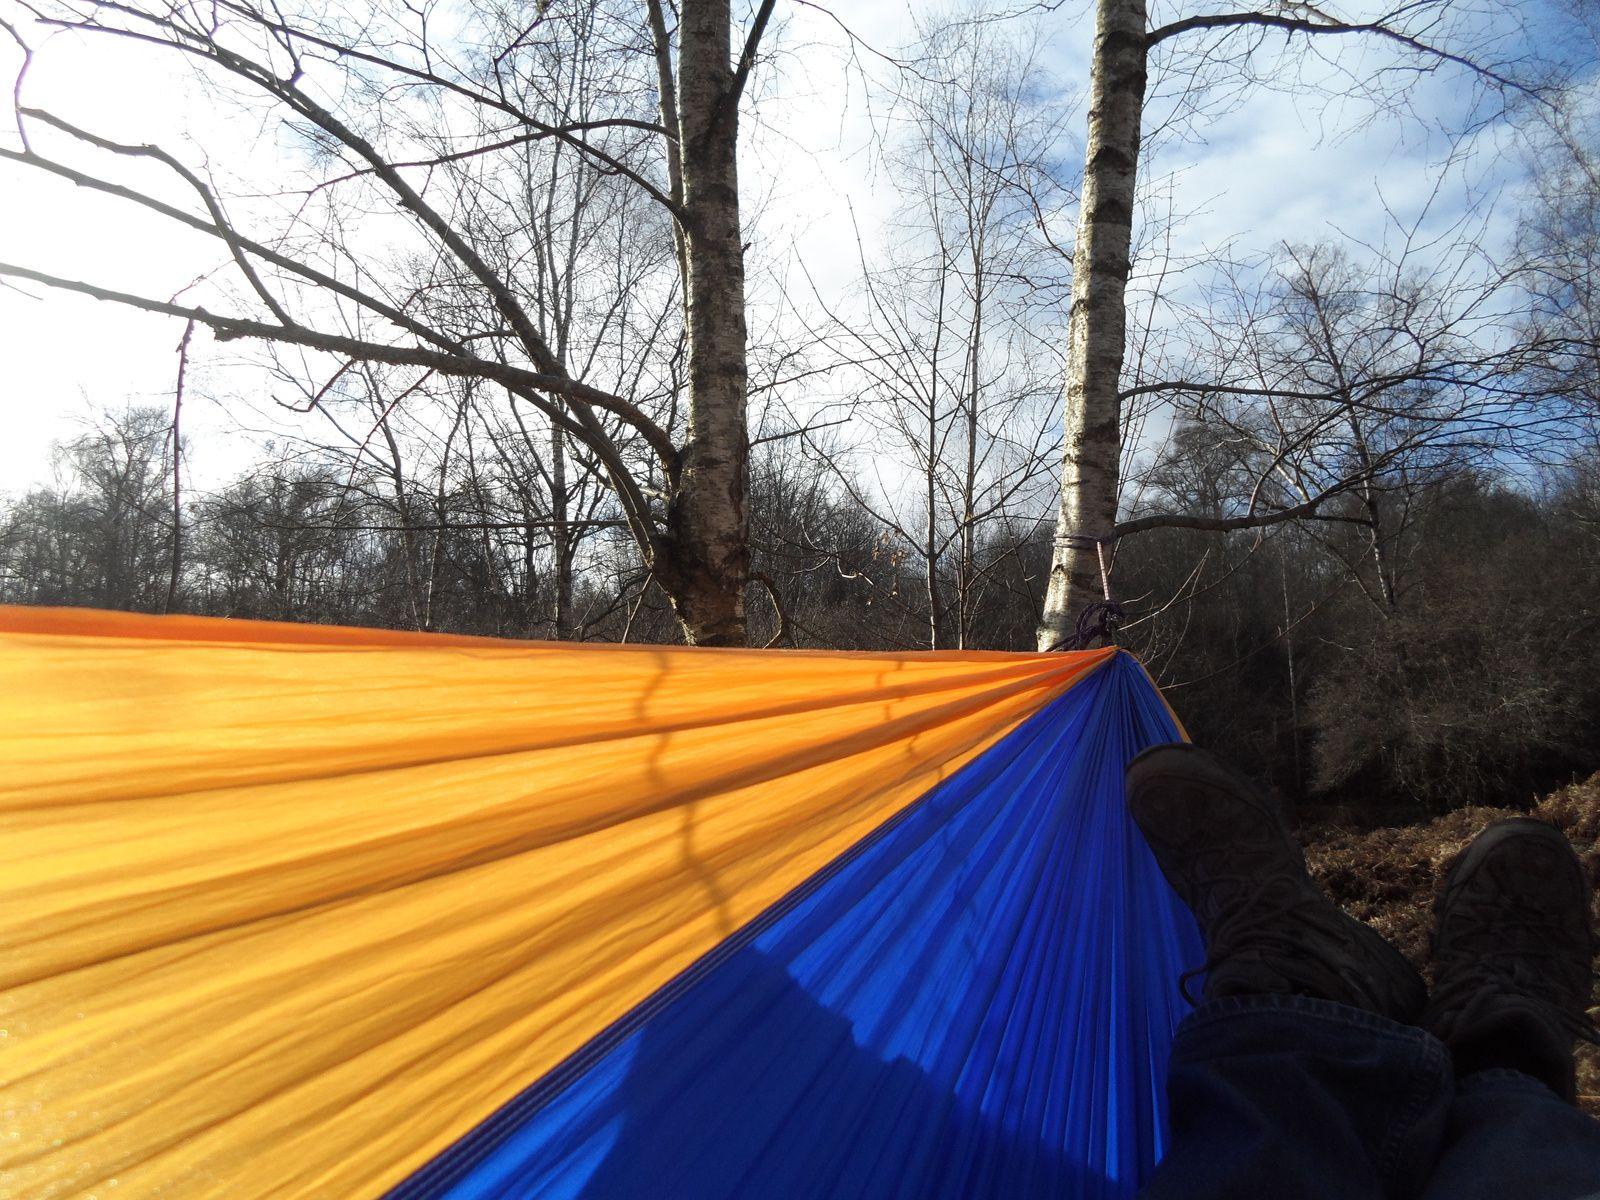 Un moment de repos et de rêverie dans la forêt boréale dans mon hamac de voyage en toile parachute (de Tropical Hamac http://www.tropical-hamac.com/). Photo: PO Combelles.